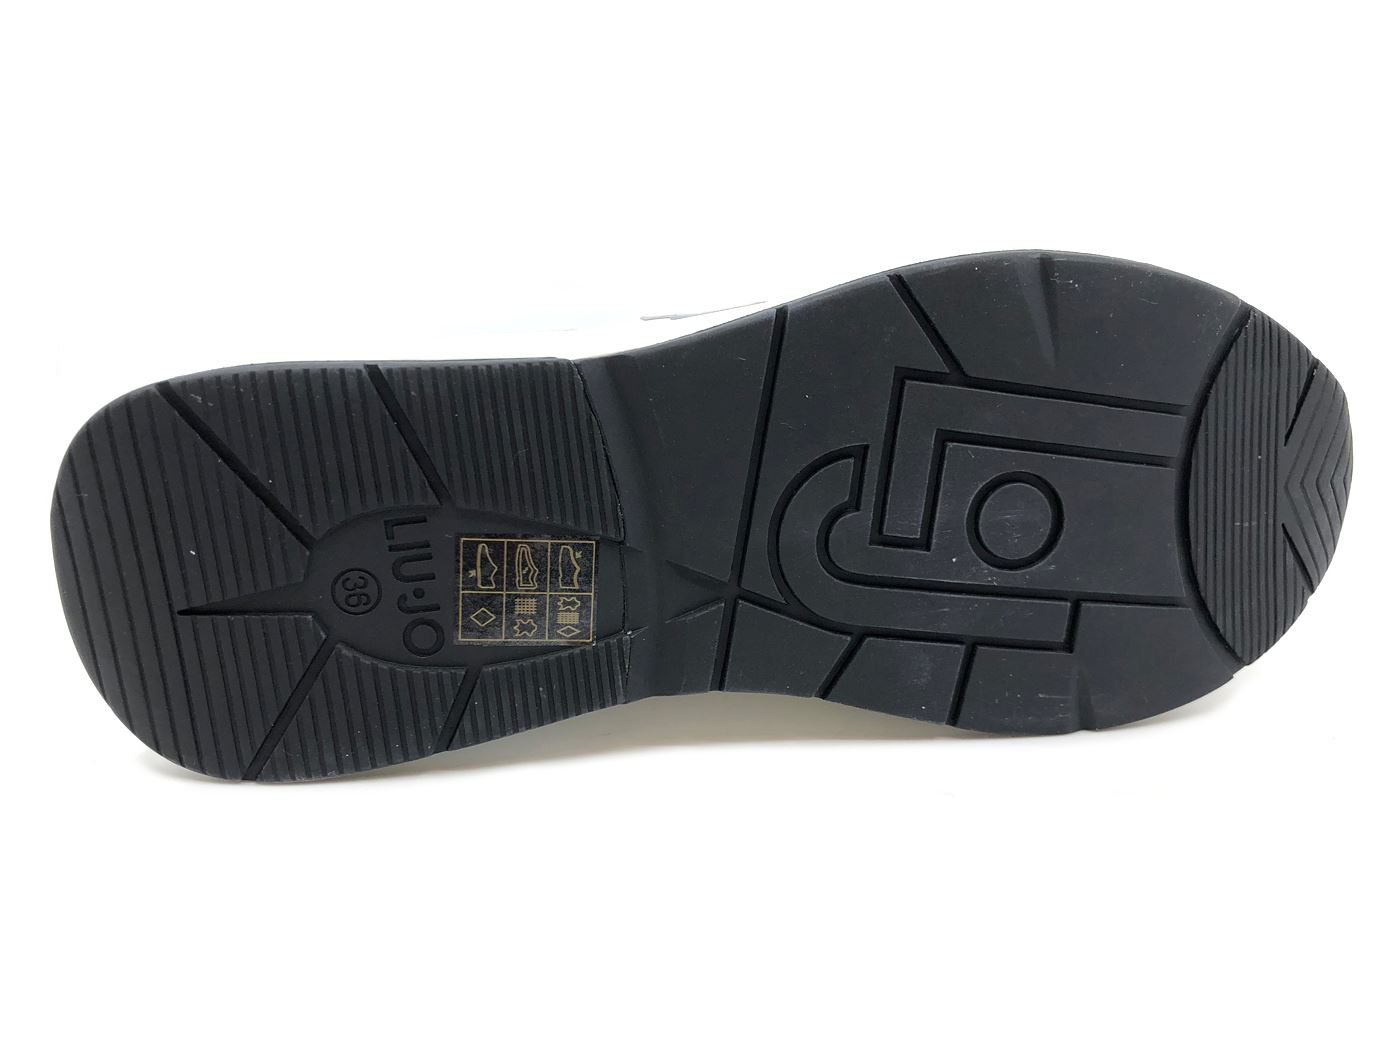 LIU JO KARLIE 12 scarpe da da da ginnastica DONNA BIANCA IN TESSUTO  MainApps | Prima classe nella sua classe  | Maschio/Ragazze Scarpa  62efe7